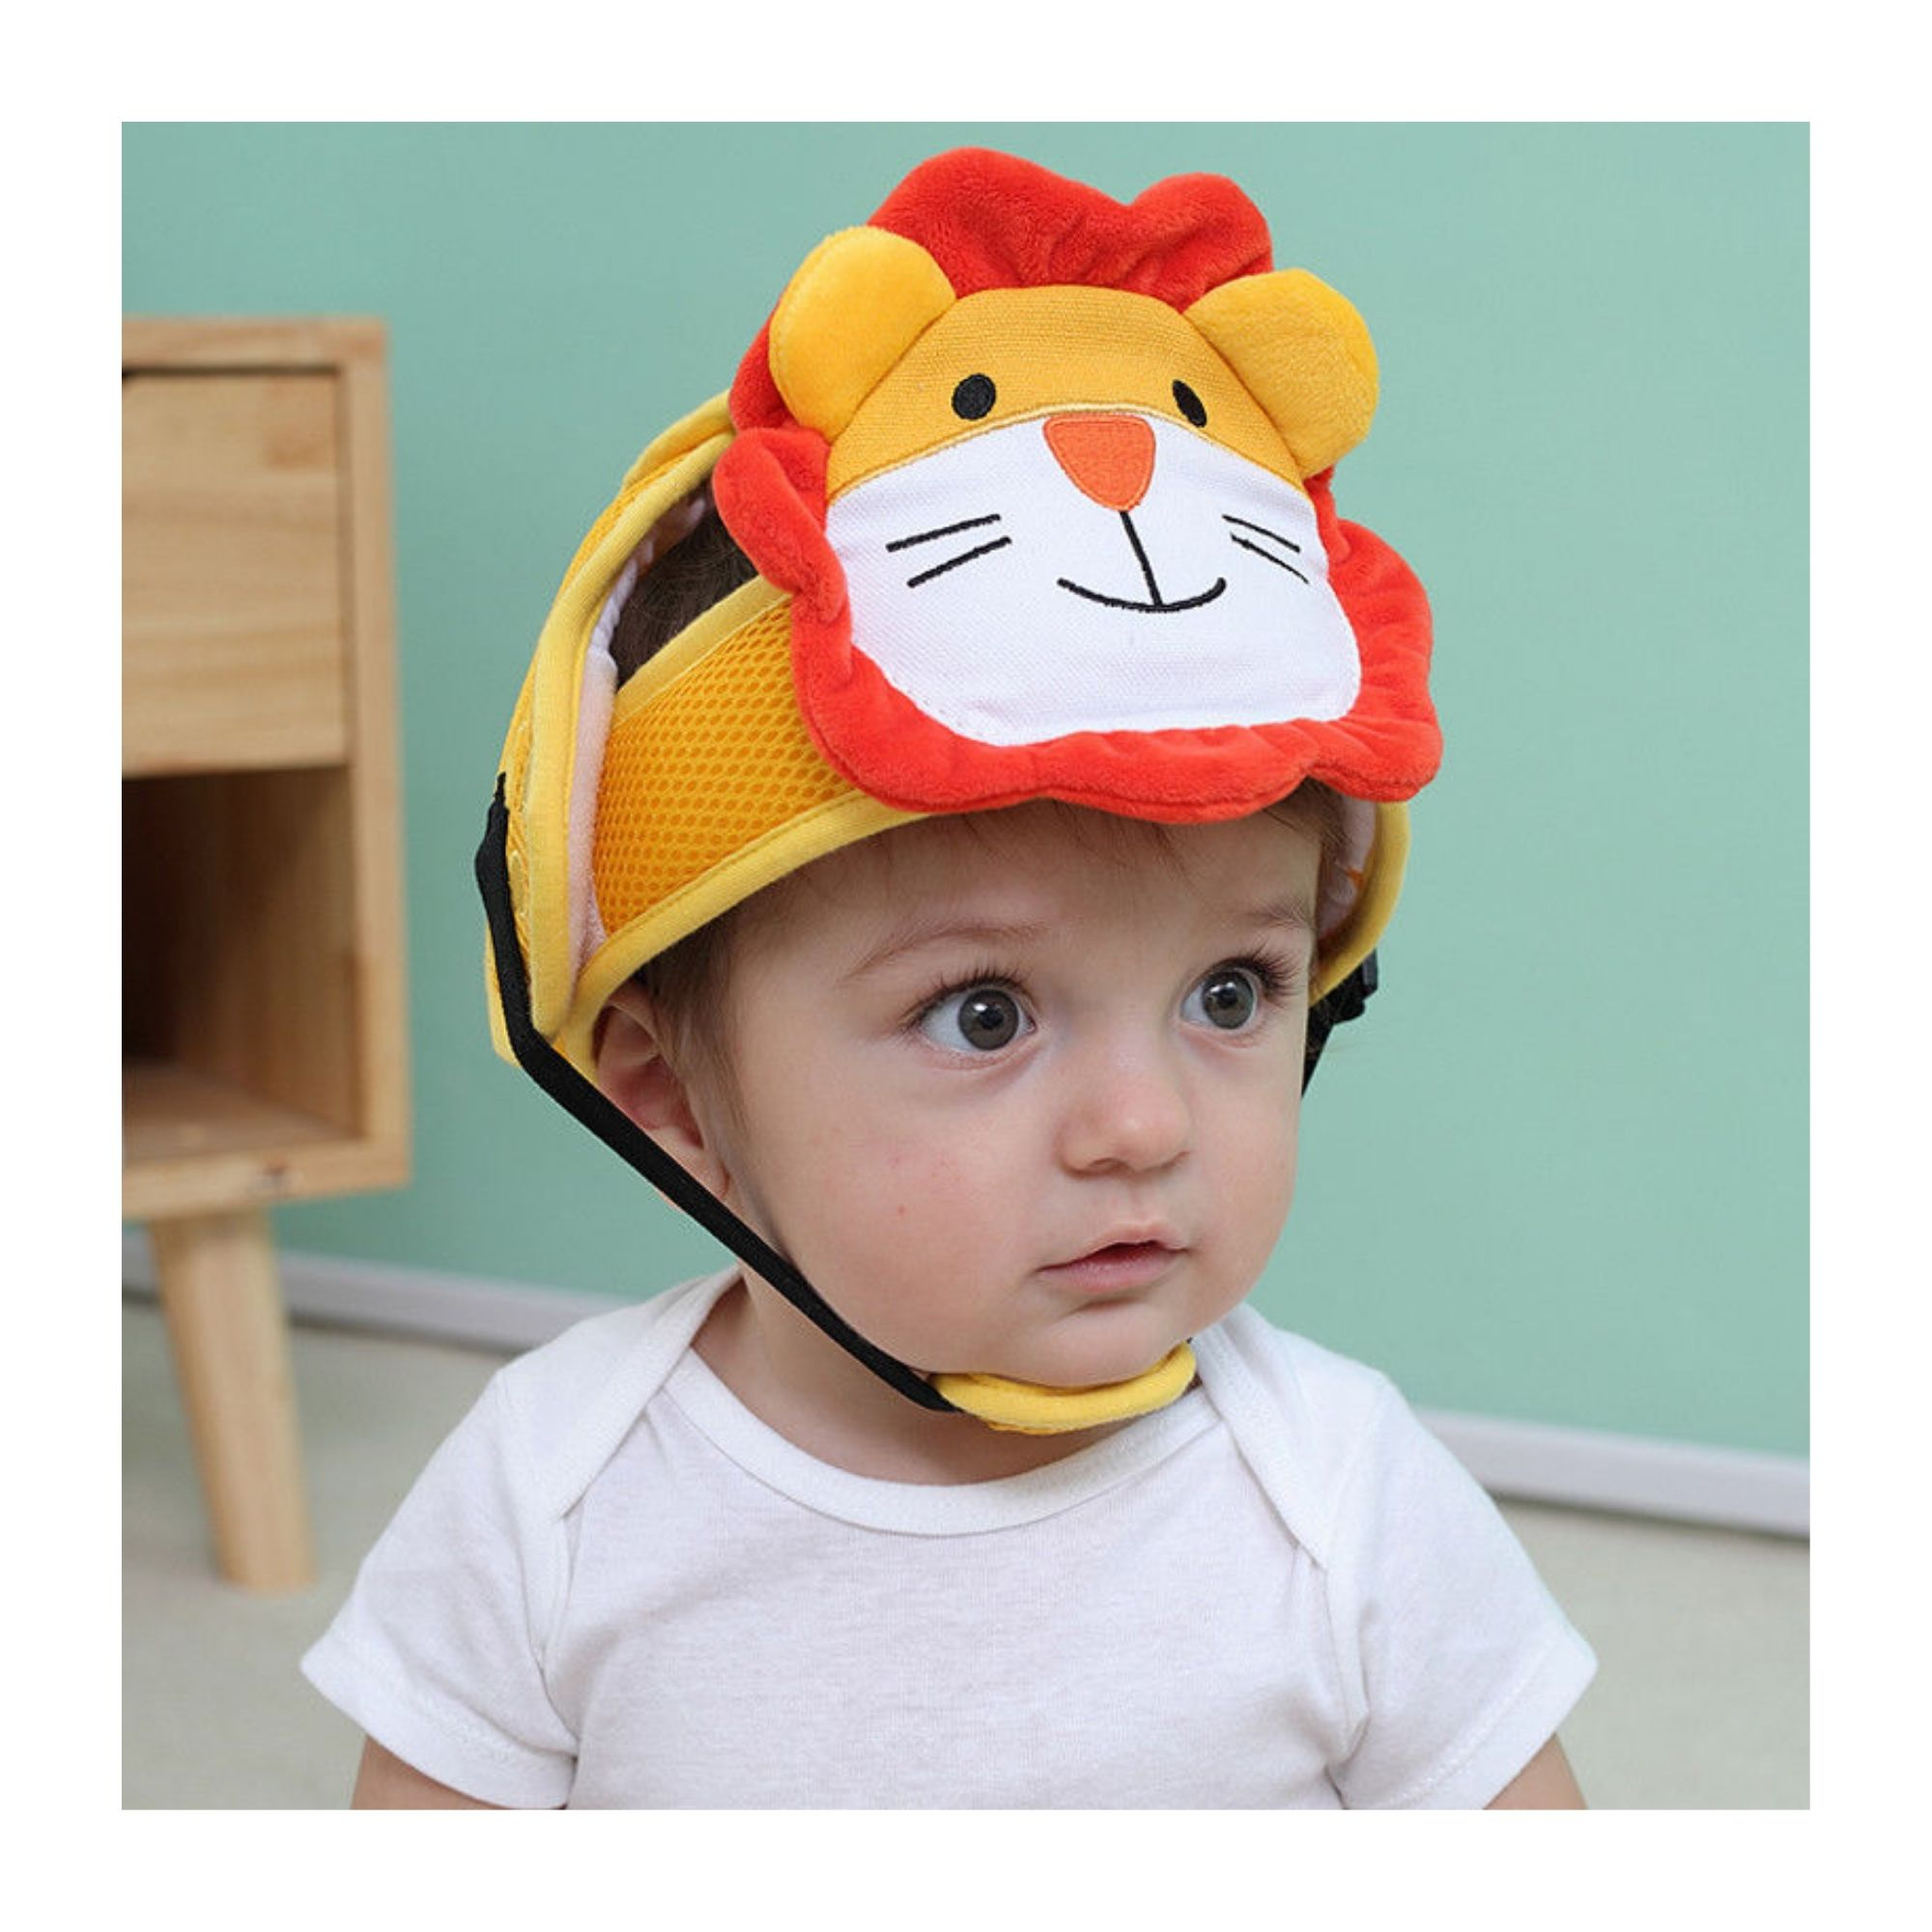 Capacete Proteção Animais para o bebê engatinhar e caminhar  - Game Land Brinquedos